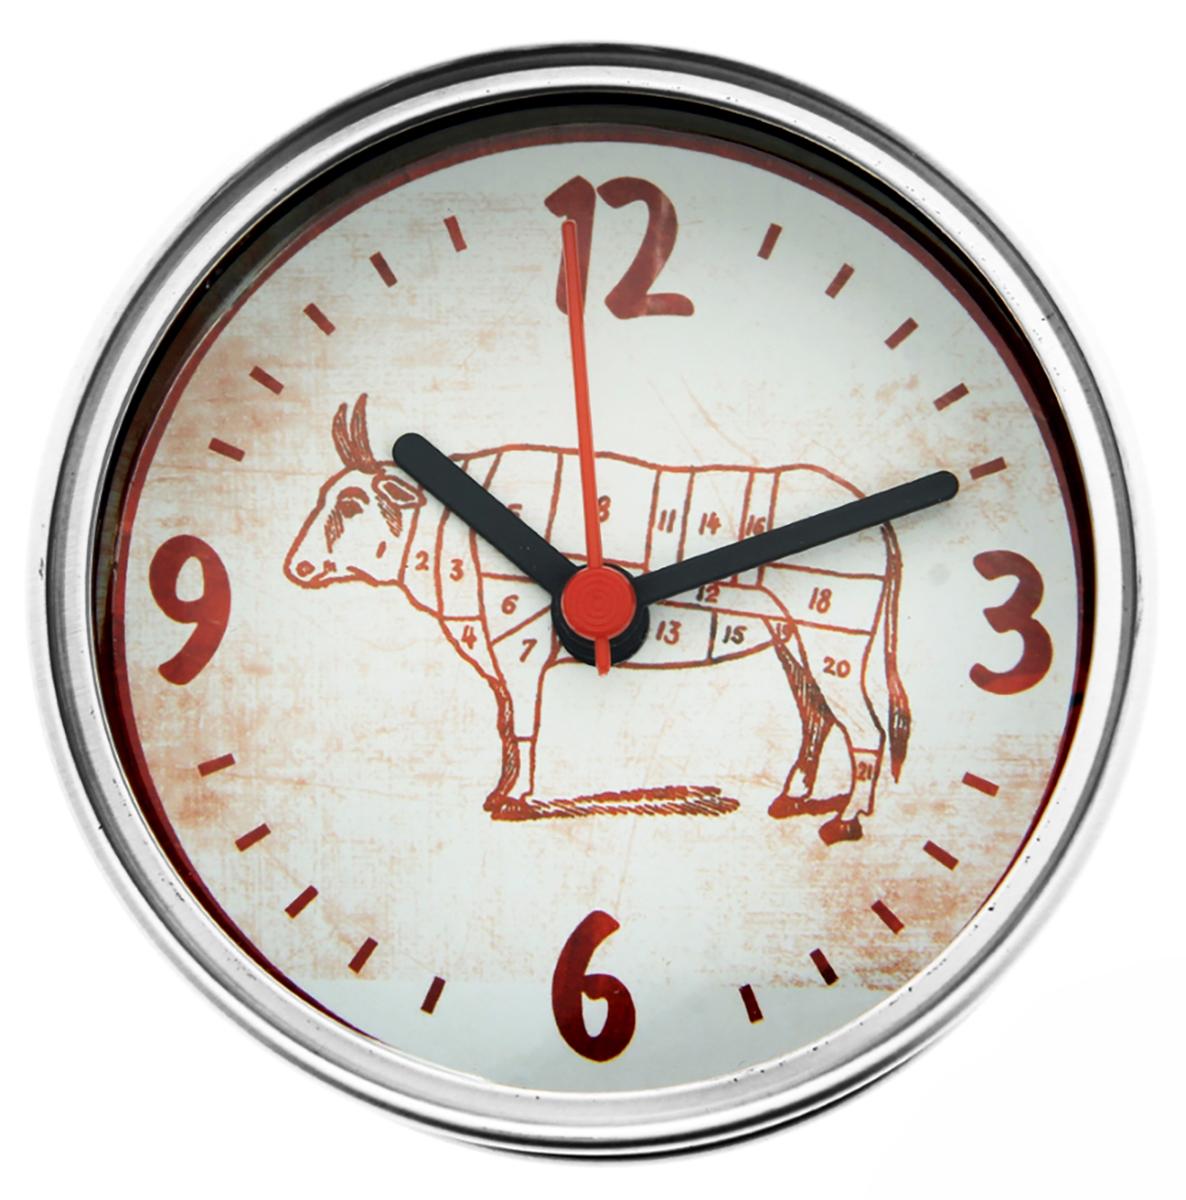 Часы настенные в консервной банке Тушеная времятина, диаметр 9 см186723Как же порой не хватает времени… Удивите своих близких и друзей необычным подарком. Подарите им время в консервах! Это не шутка! Яркие, оригинальные, веселые часы-консервы порадуют кого угодно. Они быстро и легко развлекут своего владельца и как нельзя лучше подойдут ему, ведь такой яркий аксессуар легко впишется в любую обстановку. Широкий ассортимент позволит вам выбрать тот дизайн, который нужен именно вам.Часы в консервной банке Тушеная времятина. диам 9см. 186723